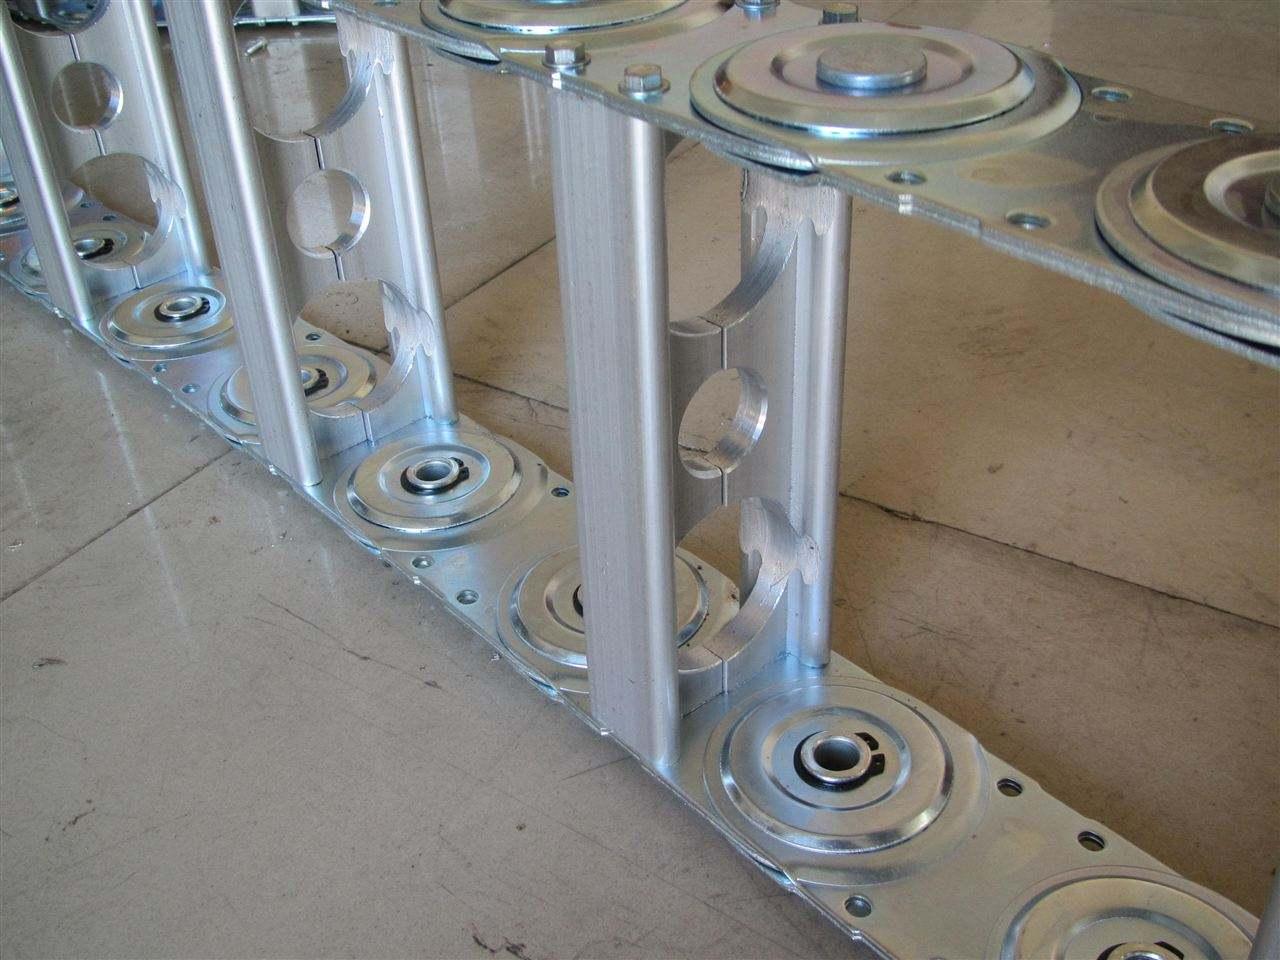 鋼制拖鏈內部經常用到隔離片